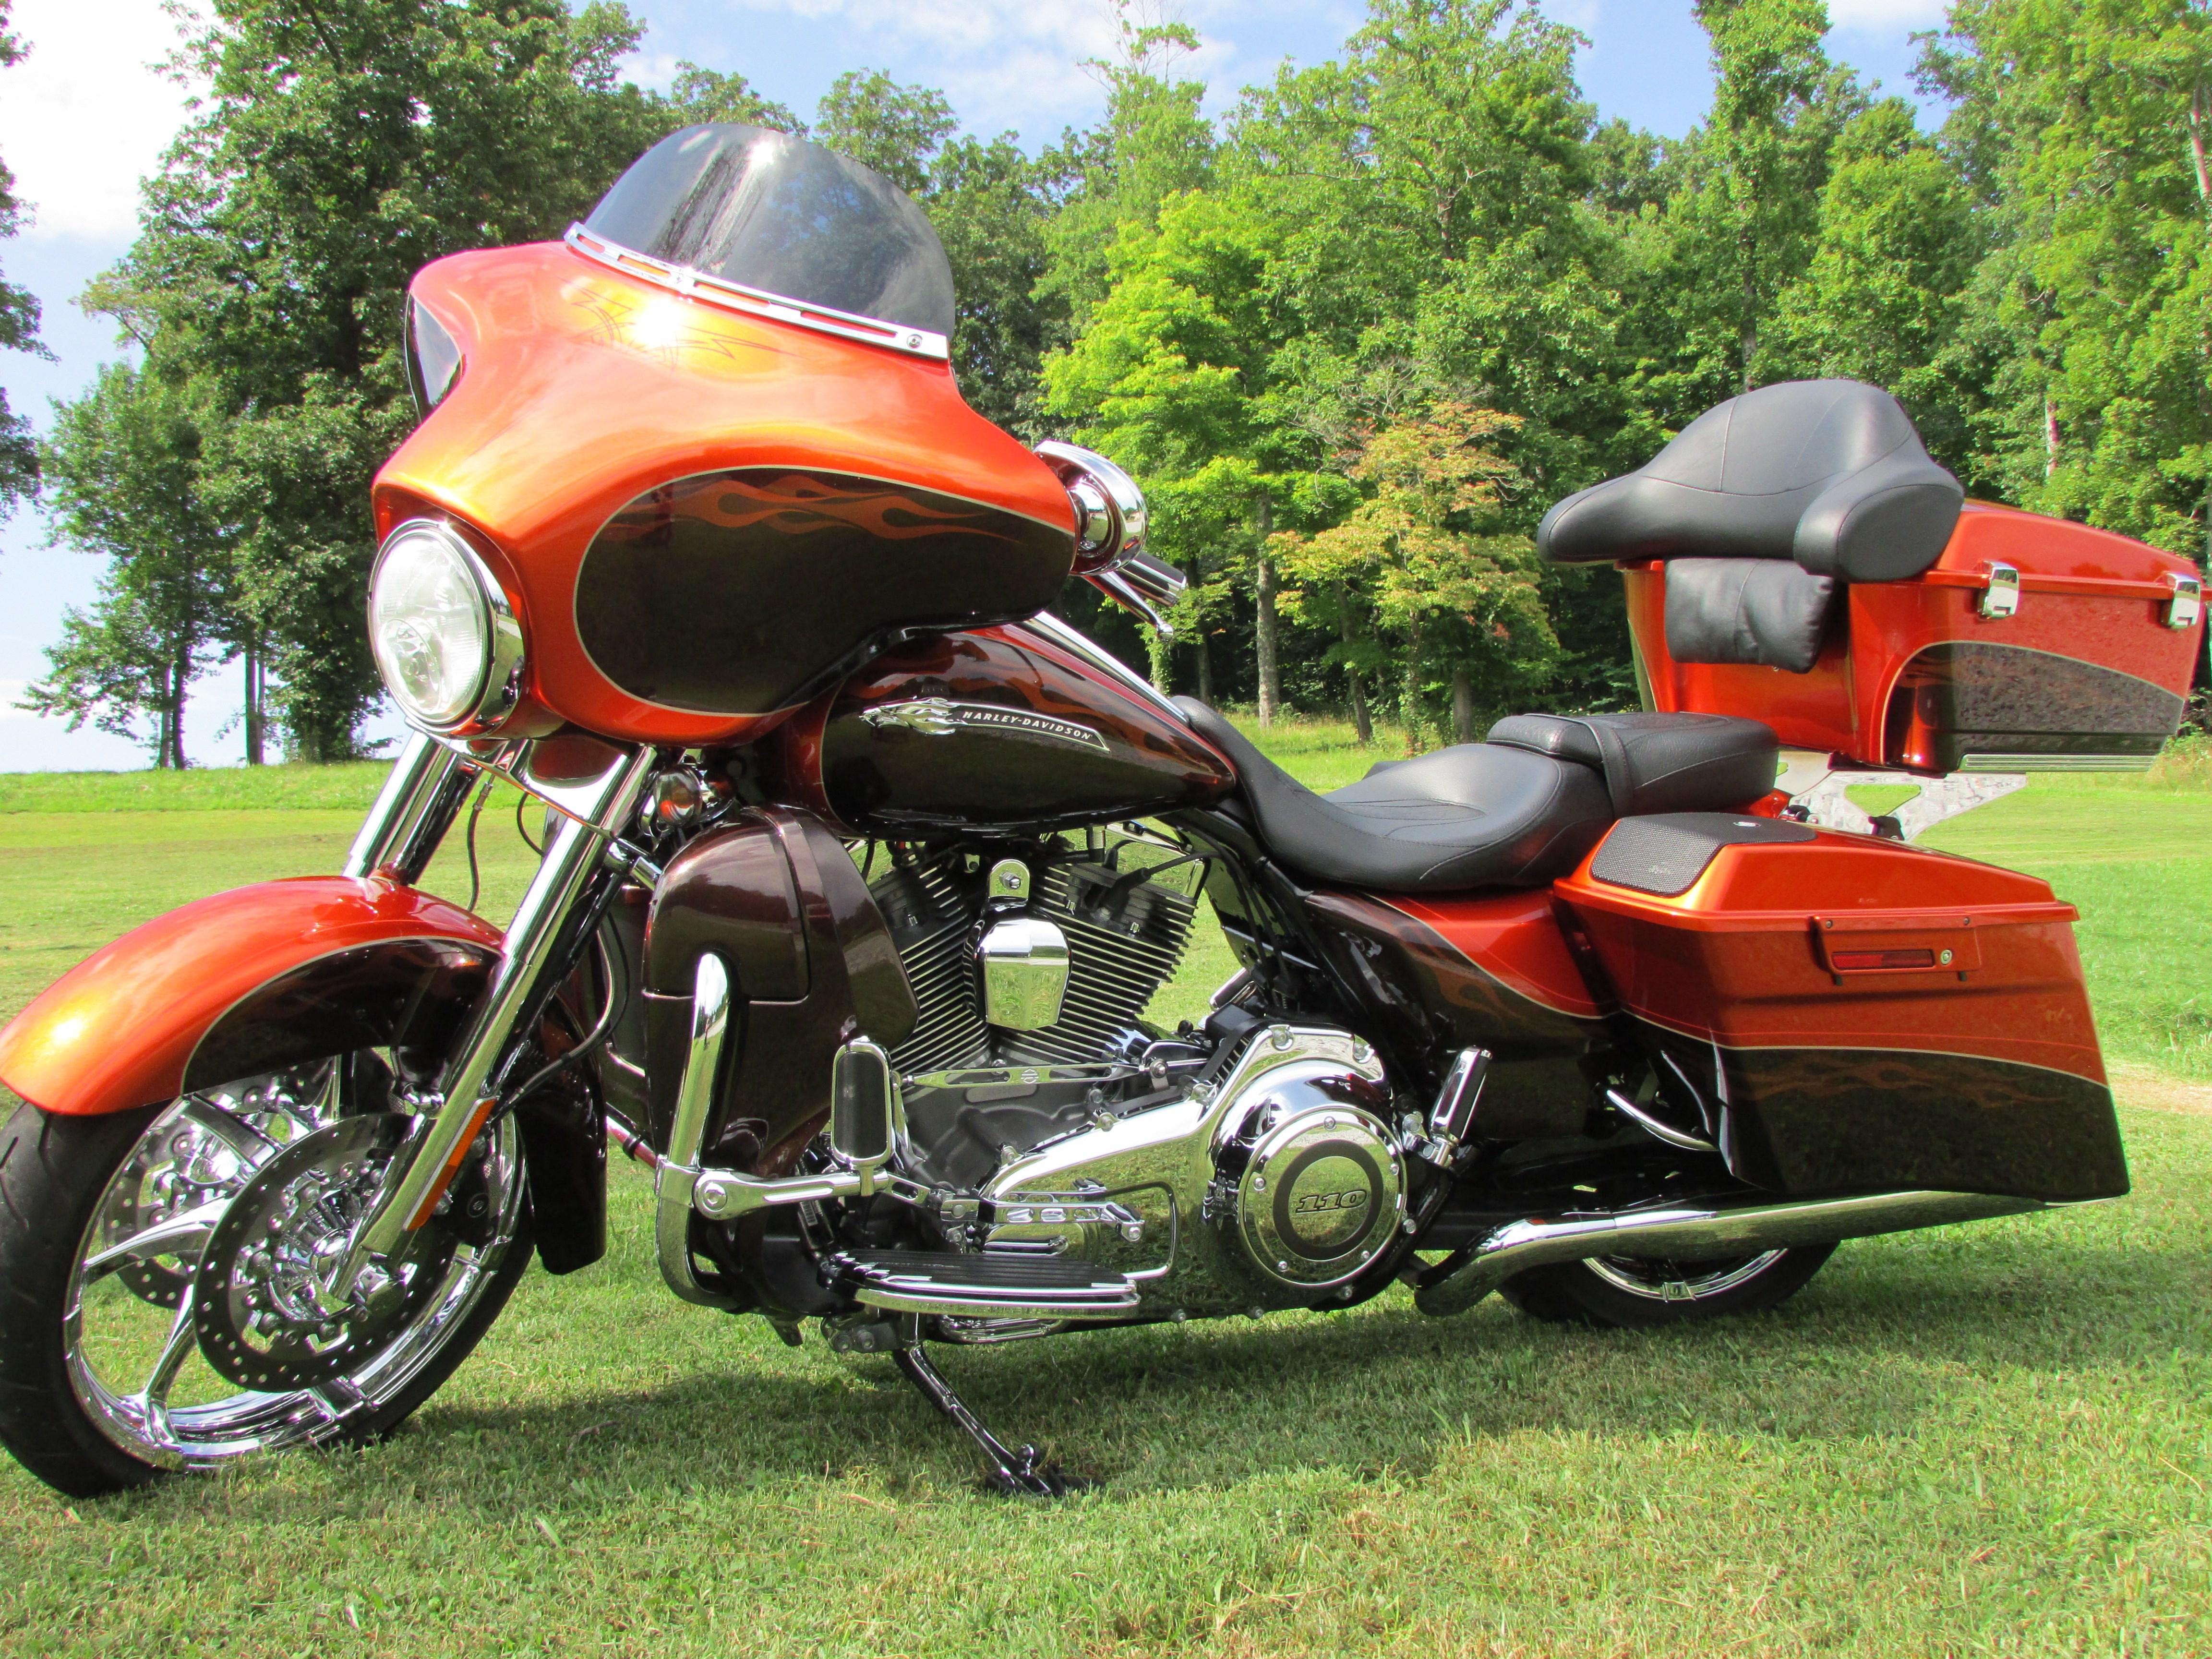 Harley Davidson Street Glide Tour Pack For Sale